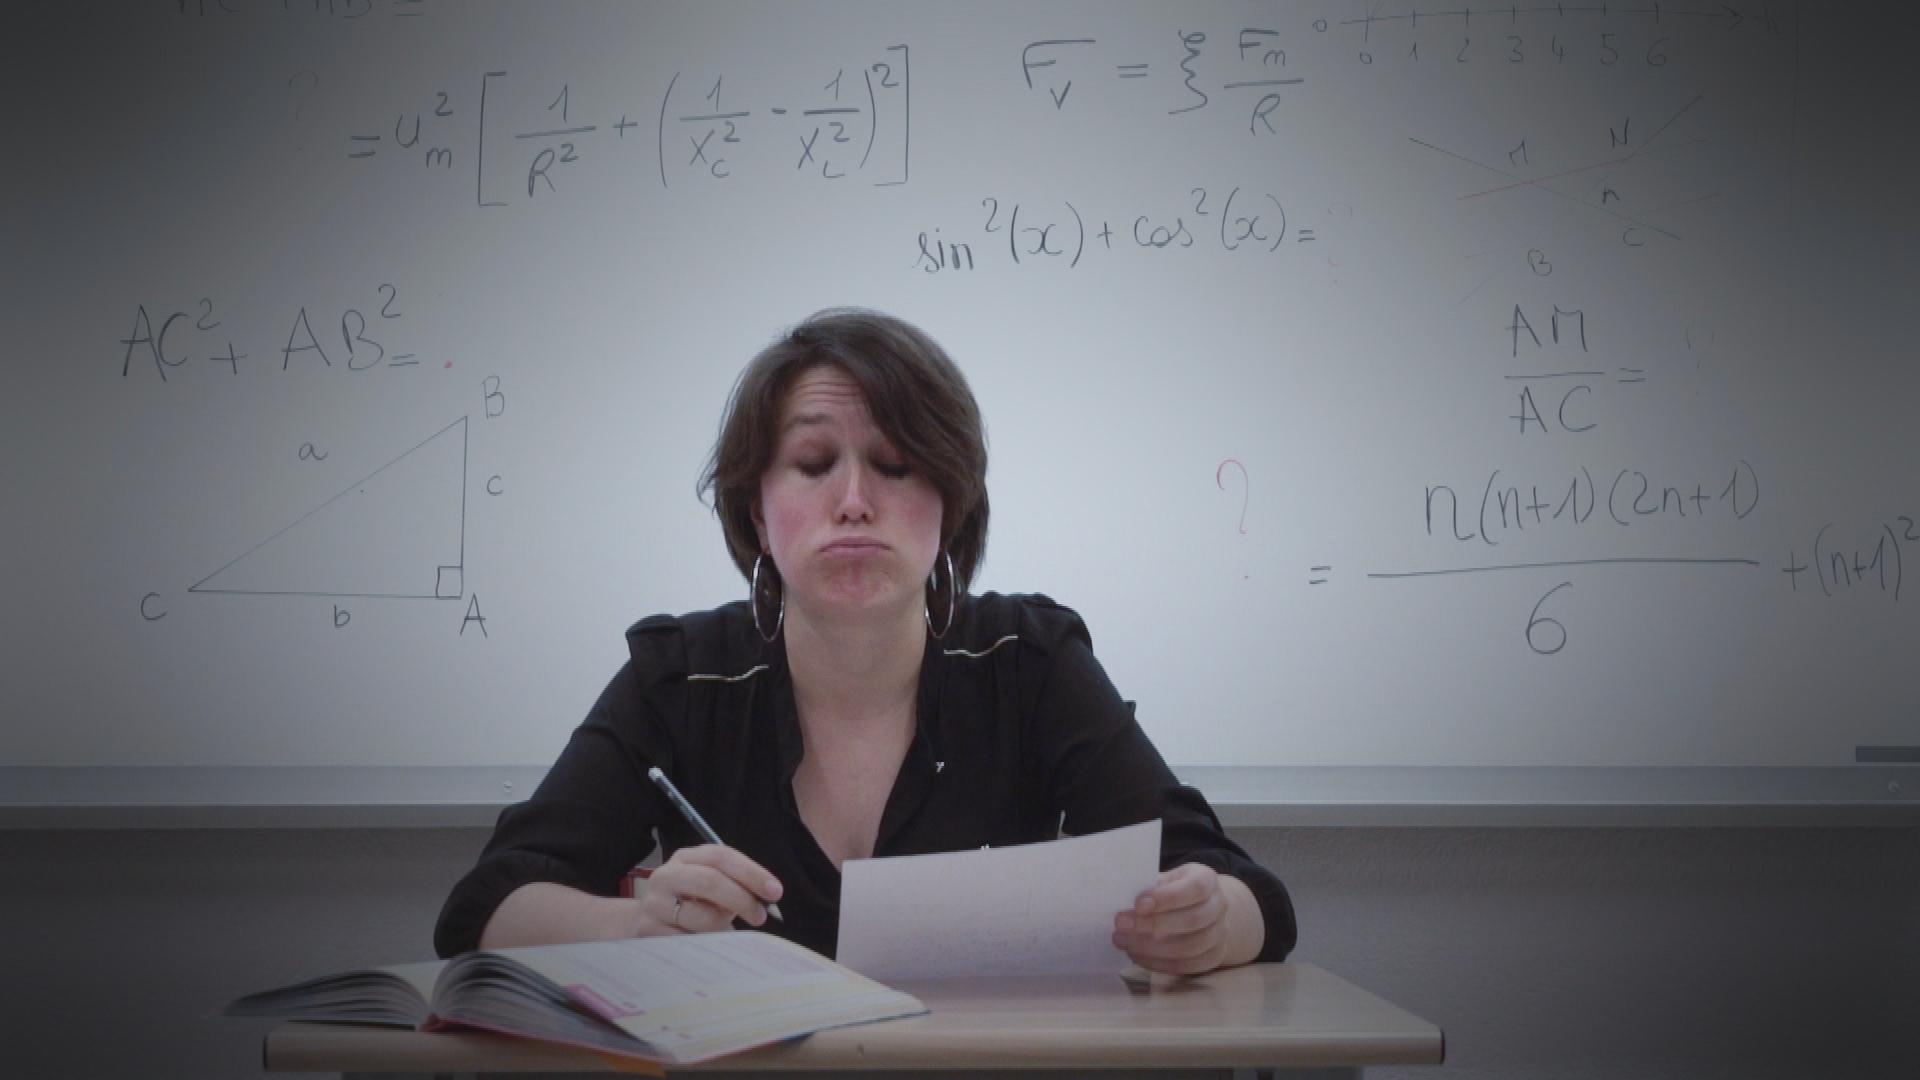 C'est bien connu, les femmes sont nulles en maths. Non ?